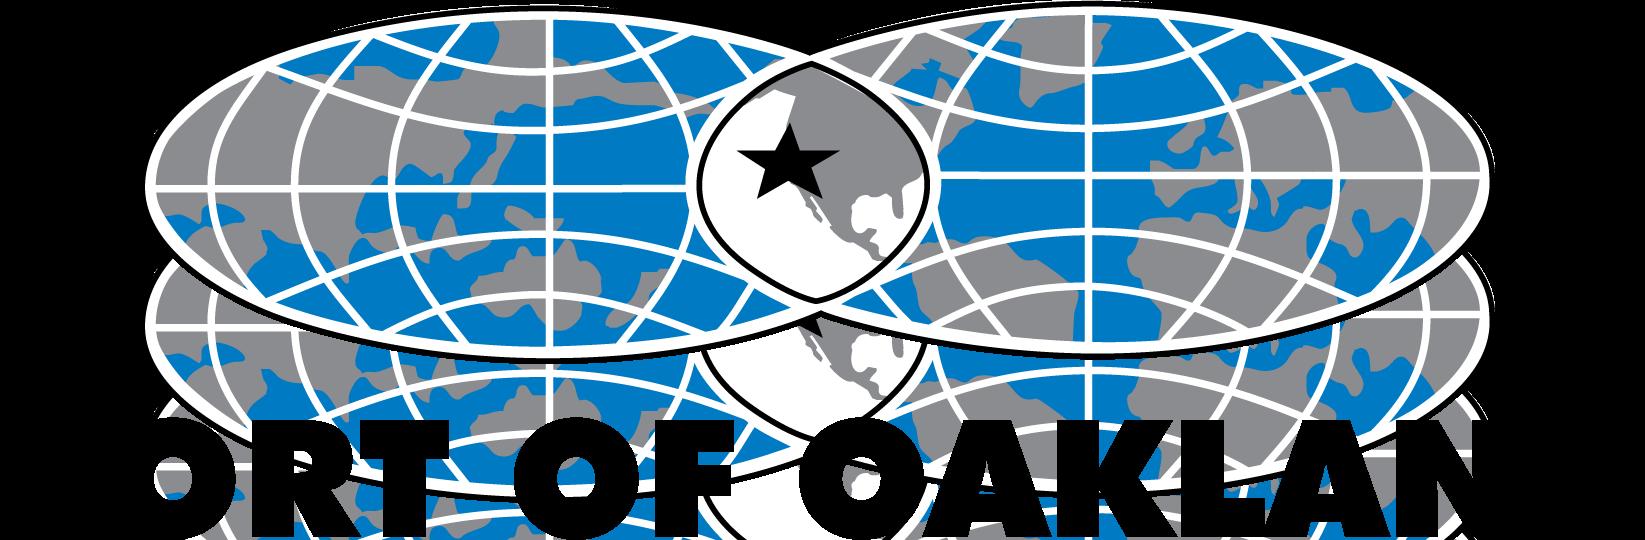 PortofOakland_logo.png